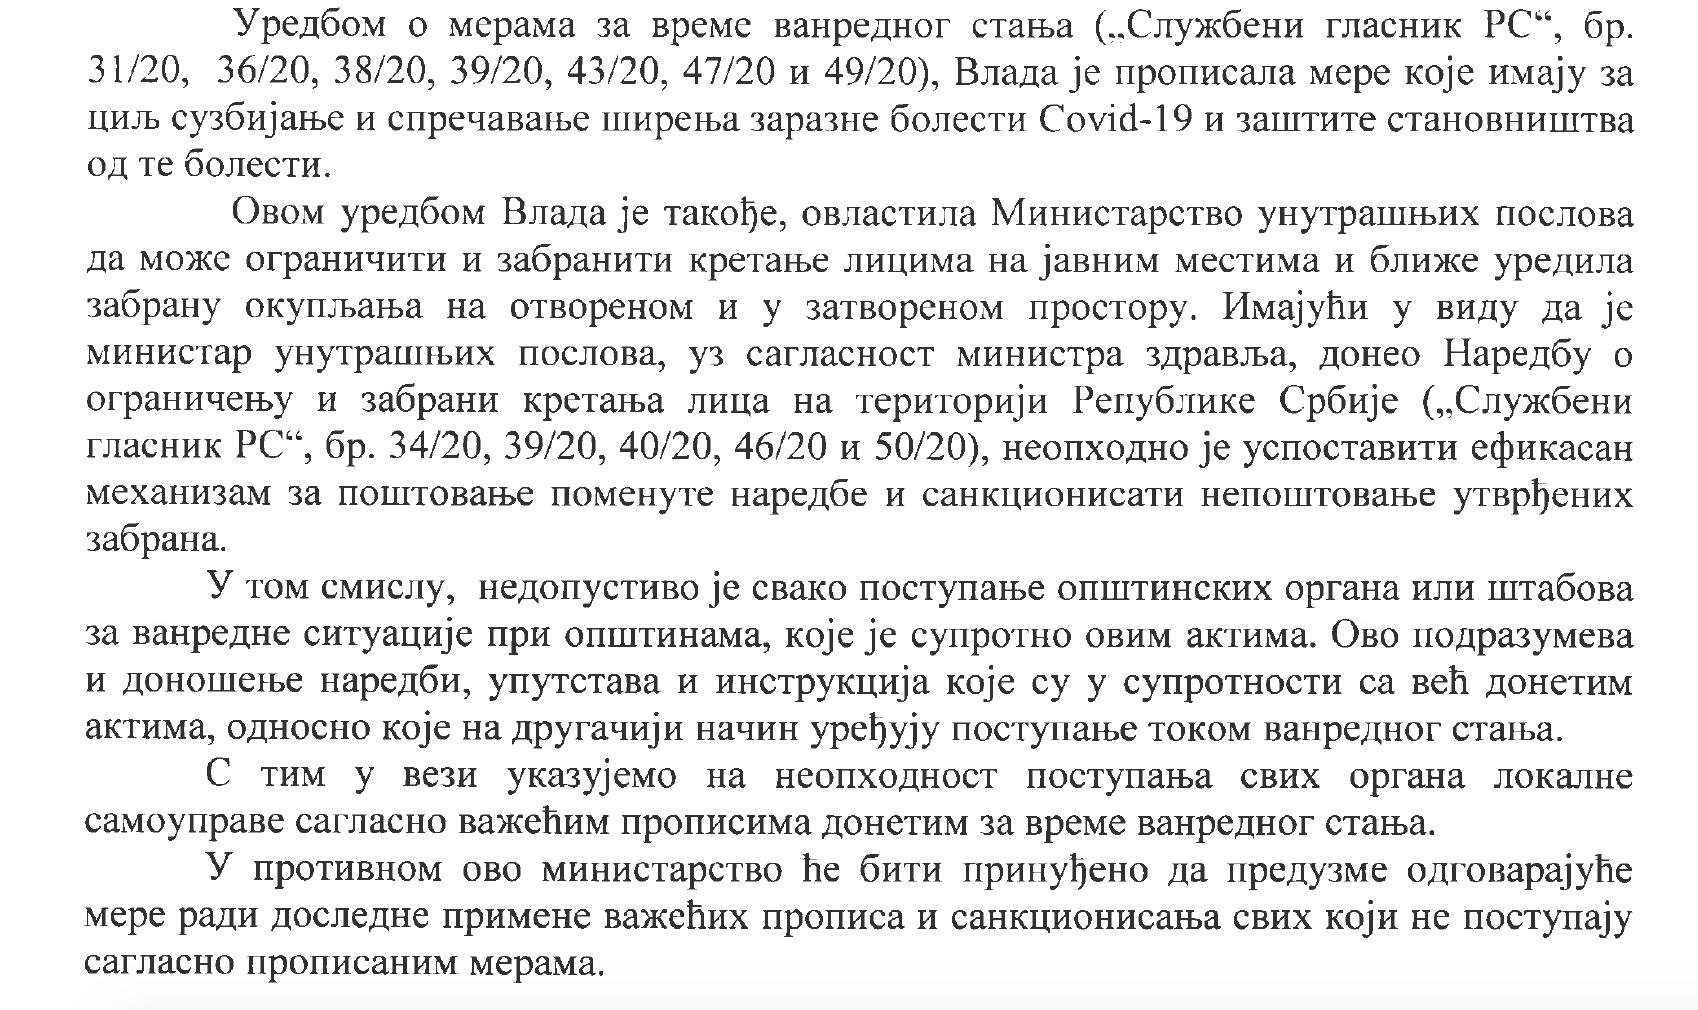 Photo of Ministarstvo unutrašnjih poslova: Nedopustivo odstupanje mera koje donose pojedini Štabovi od mera koje je propisala država